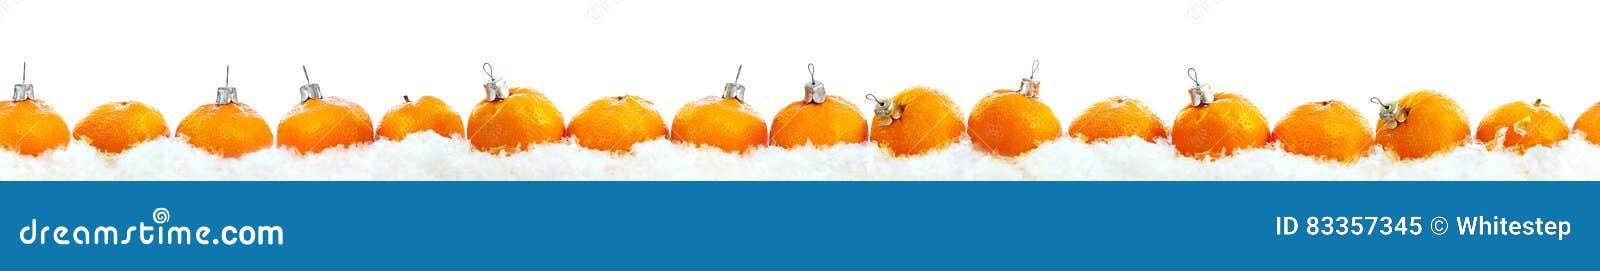 Linha branco isolado da fileira das tangerinas do ano novo